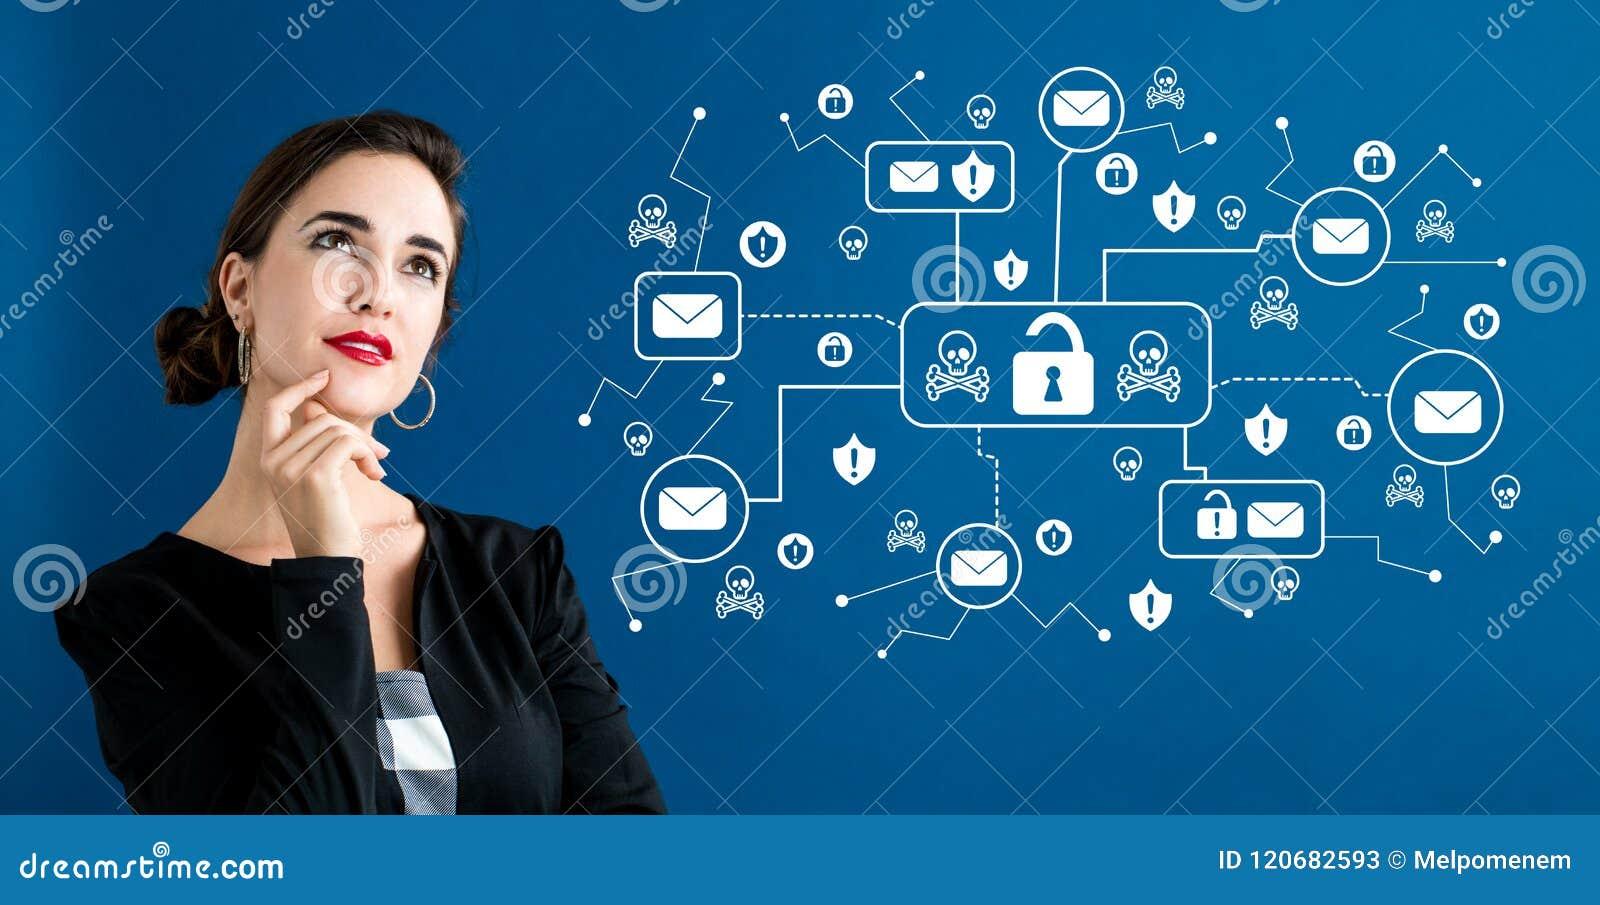 Тема вируса и аферы электронной почты с бизнес-леди